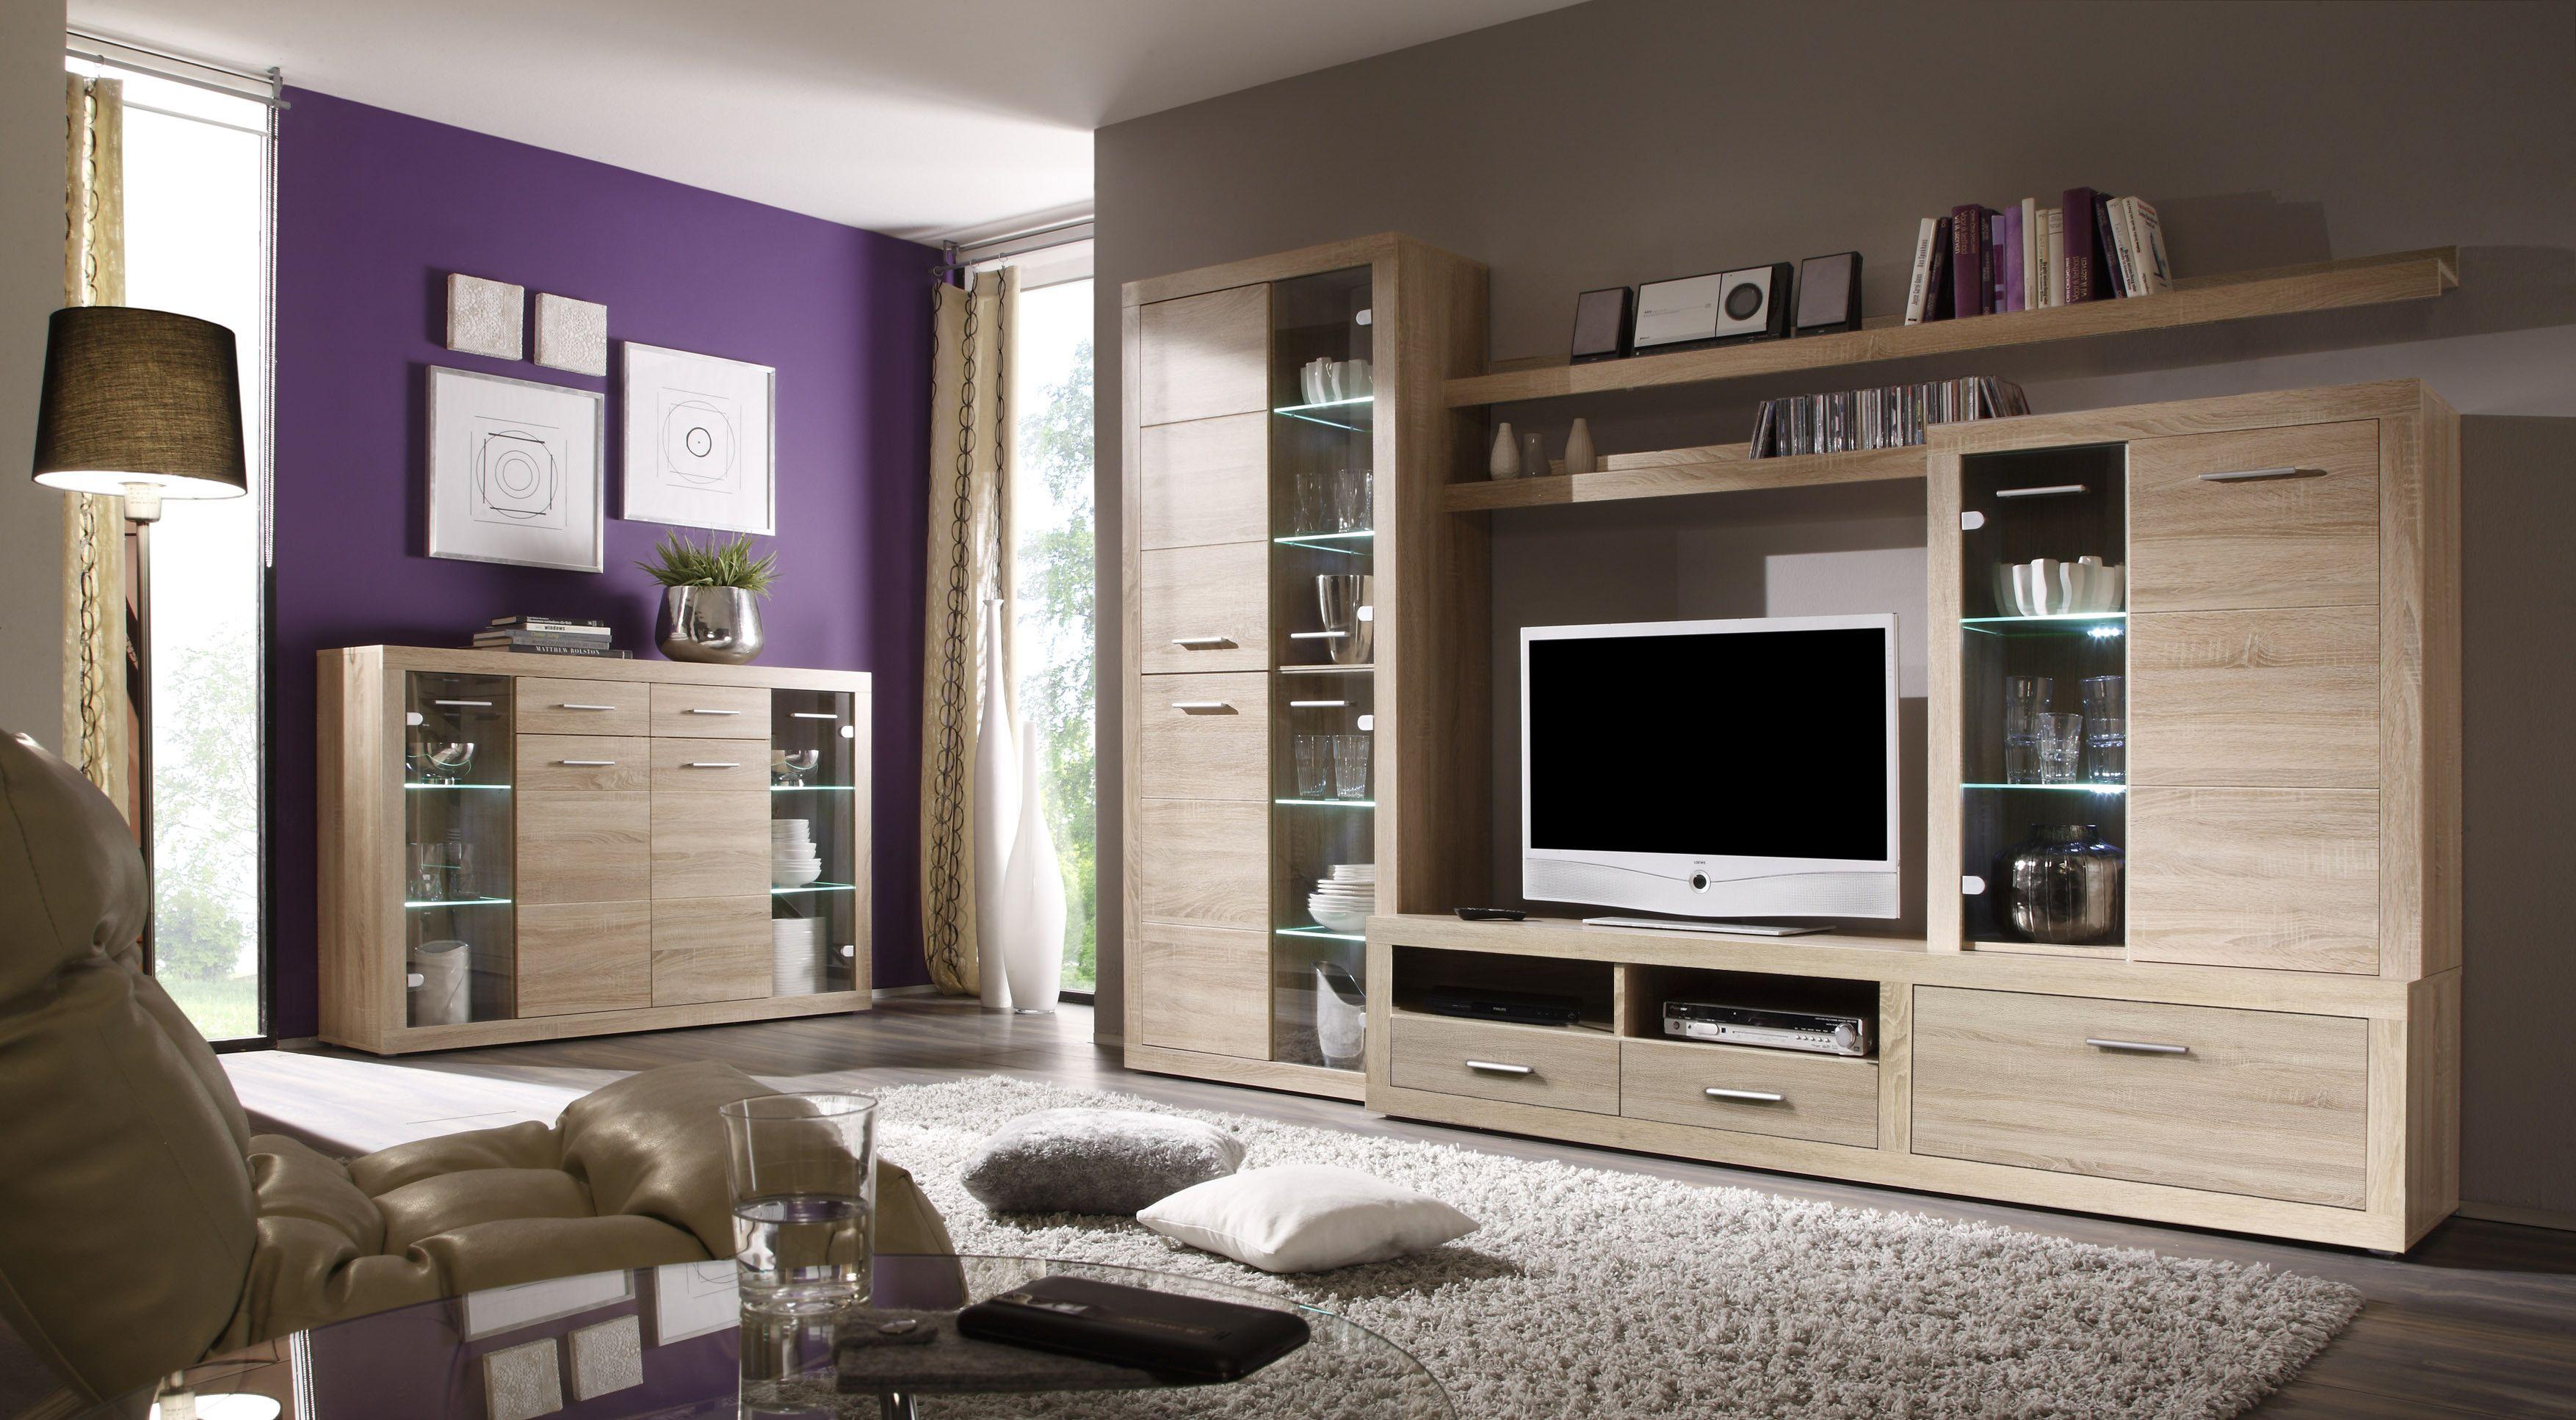 Wohnwand Mit Highboard Sonoma Eiche Woody 61 00066 Holz Modern Jetzt  Bestellen Unter: Https